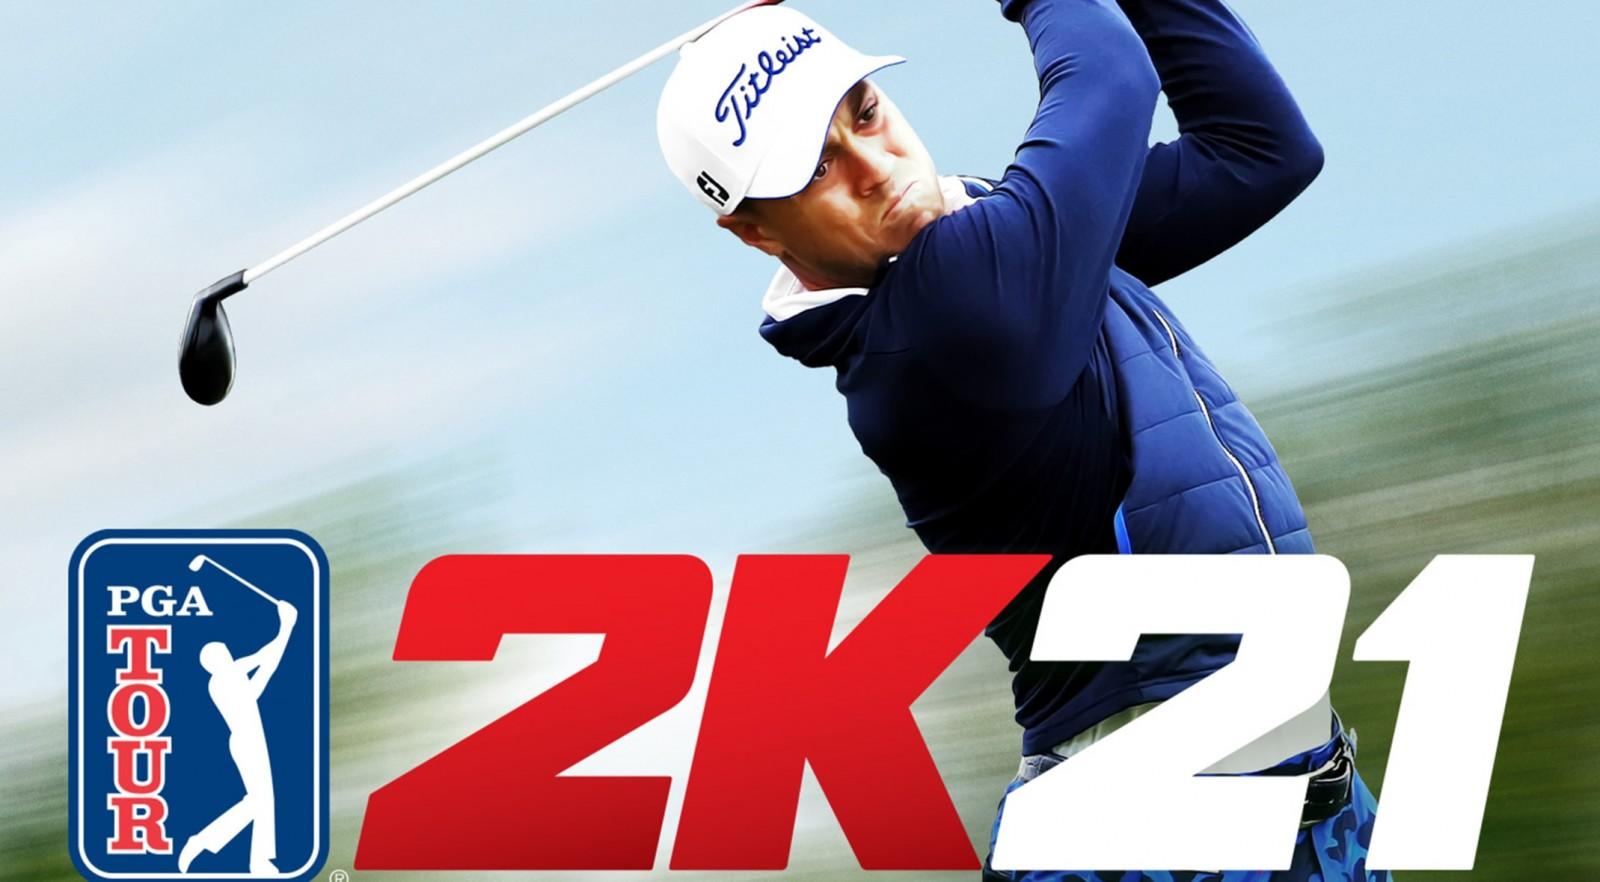 Cómo hacer que el PGA Tour 2k21 sea más realista para su juego - Noticias de golf |  Revista de golf